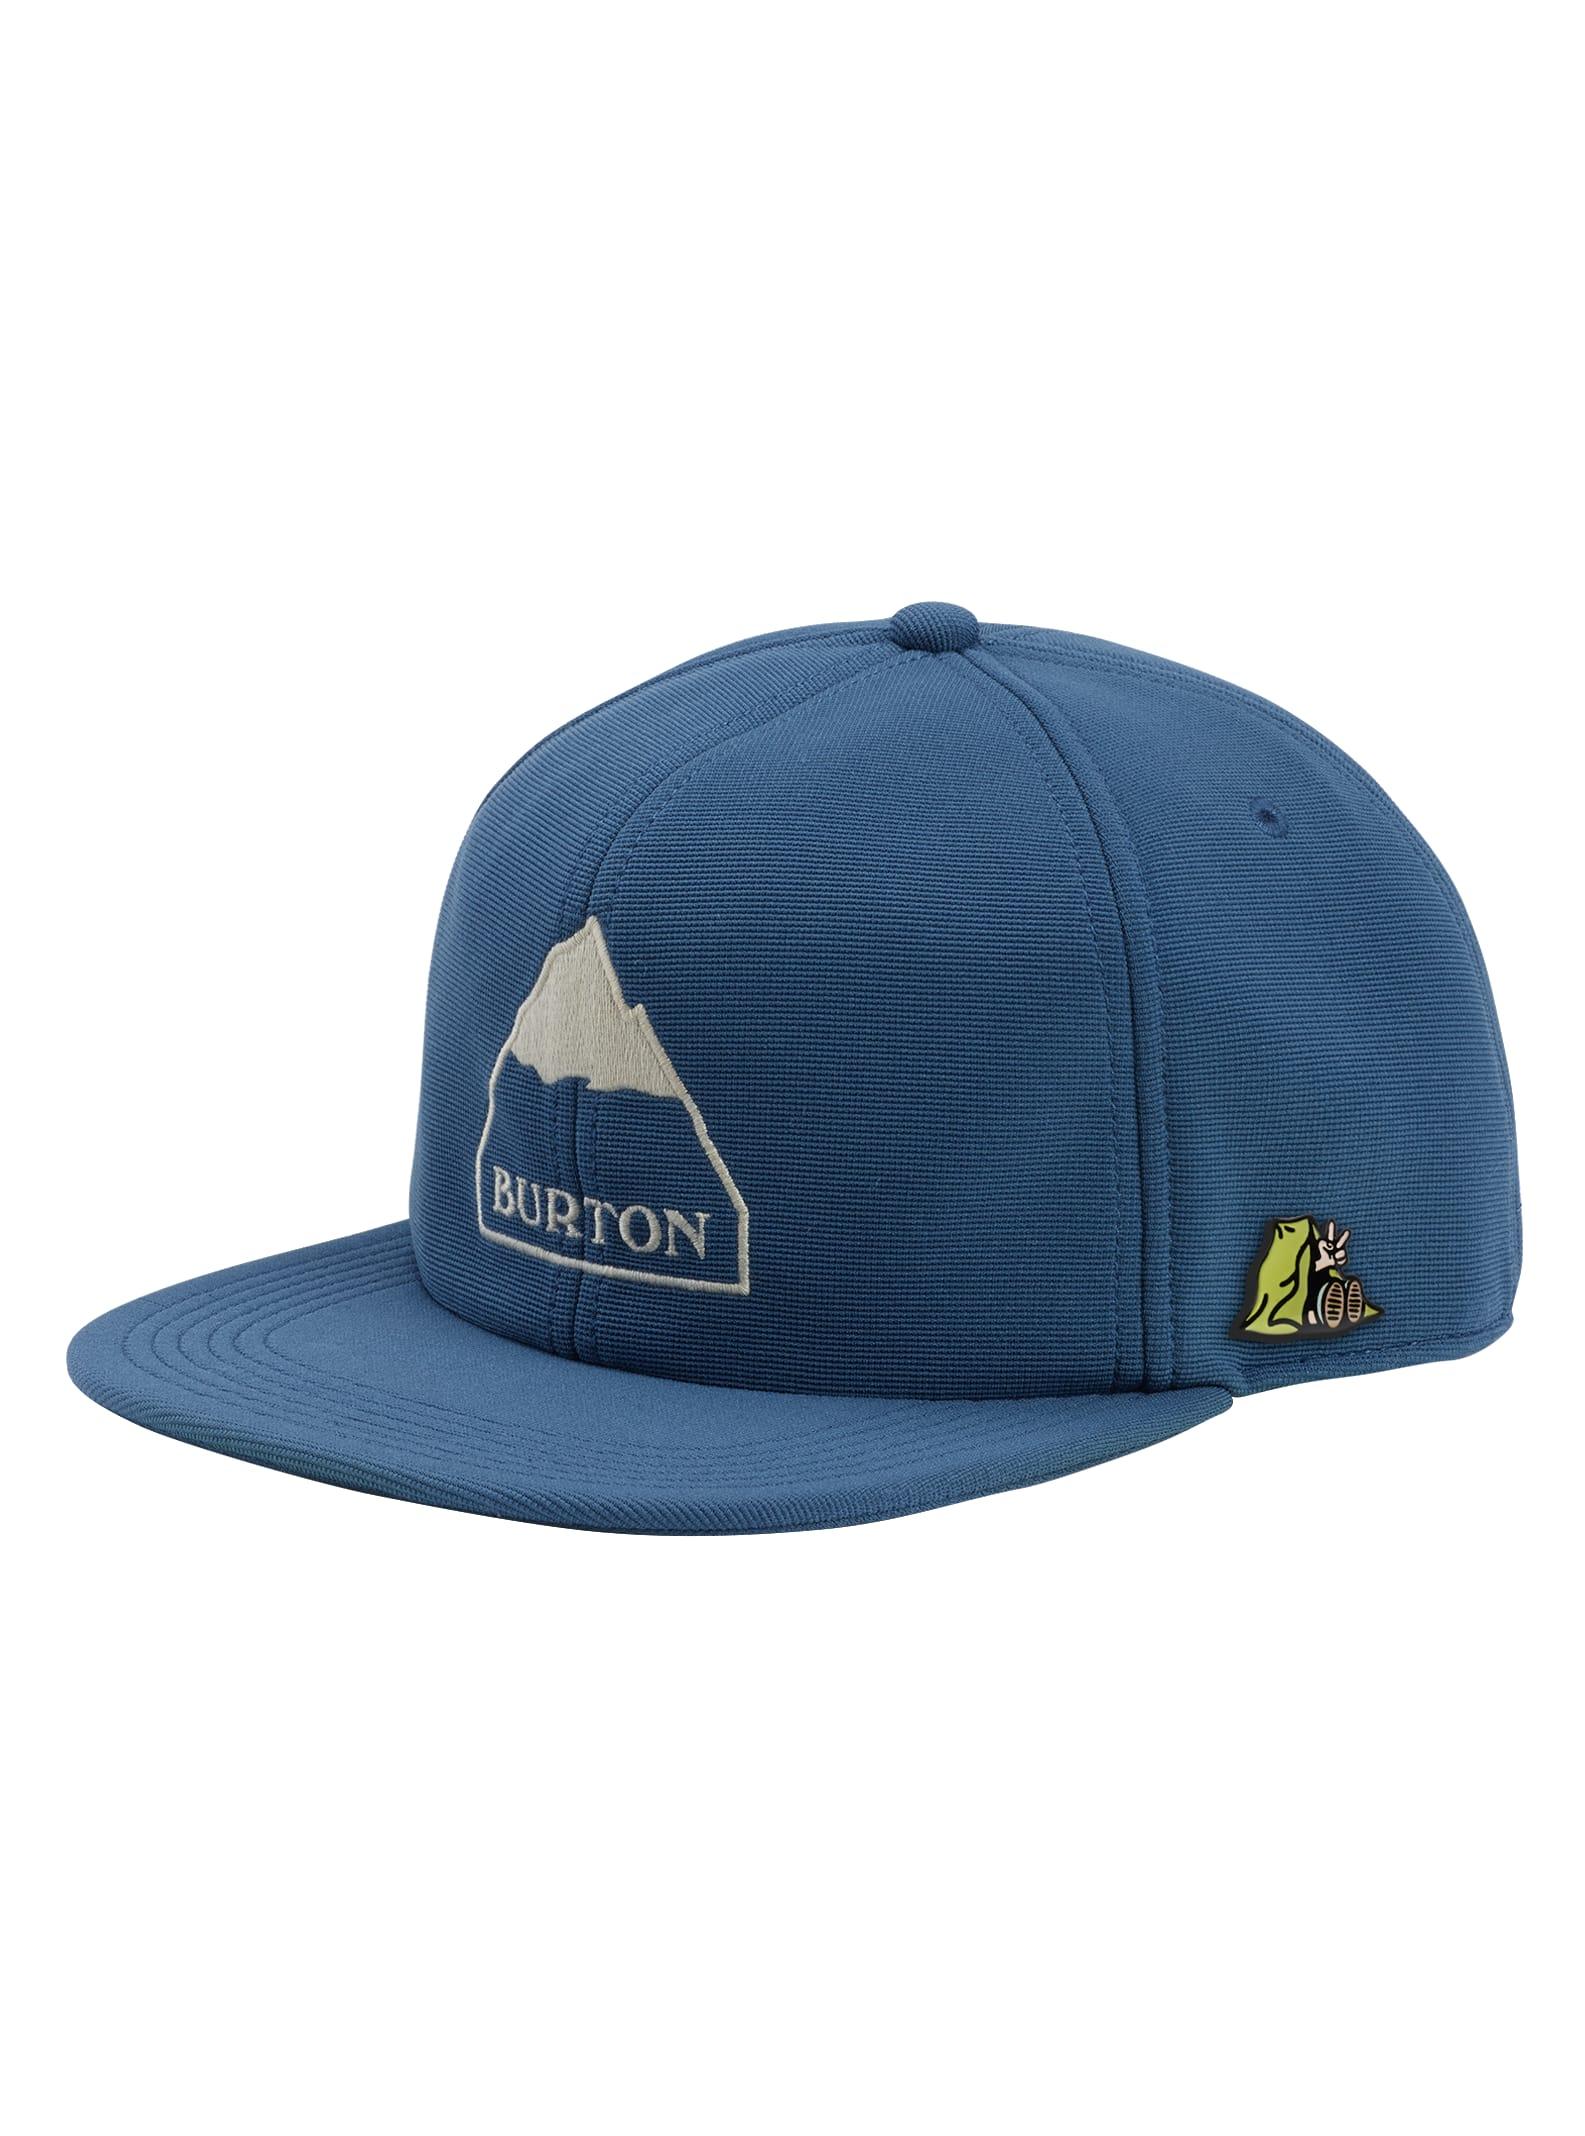 2e3a4b142b7 Men s Hats   Beanies